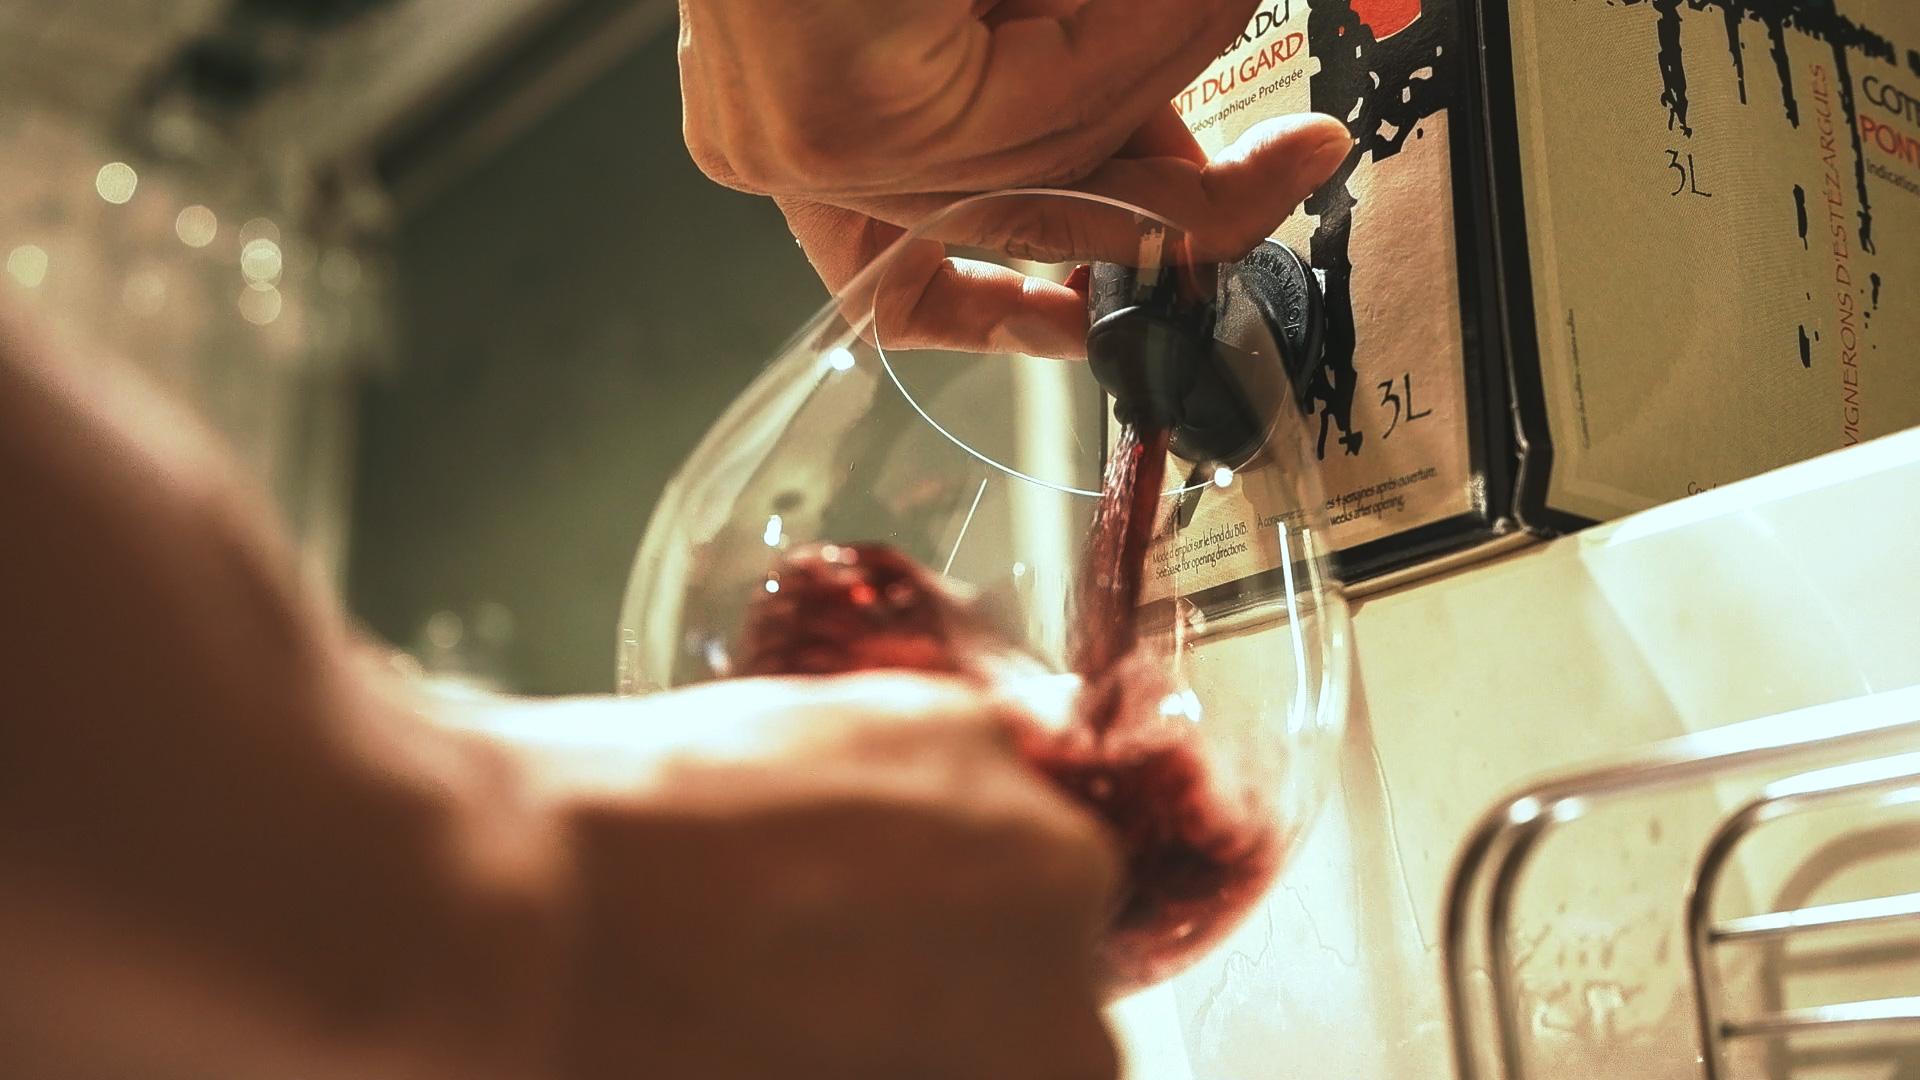 バッグインボックスの注ぎ方 自然派ワイン・ビオワイン キュヴェ デ ガレ エステザルグ du Gard - Cuvée des Galets d'Estezargues